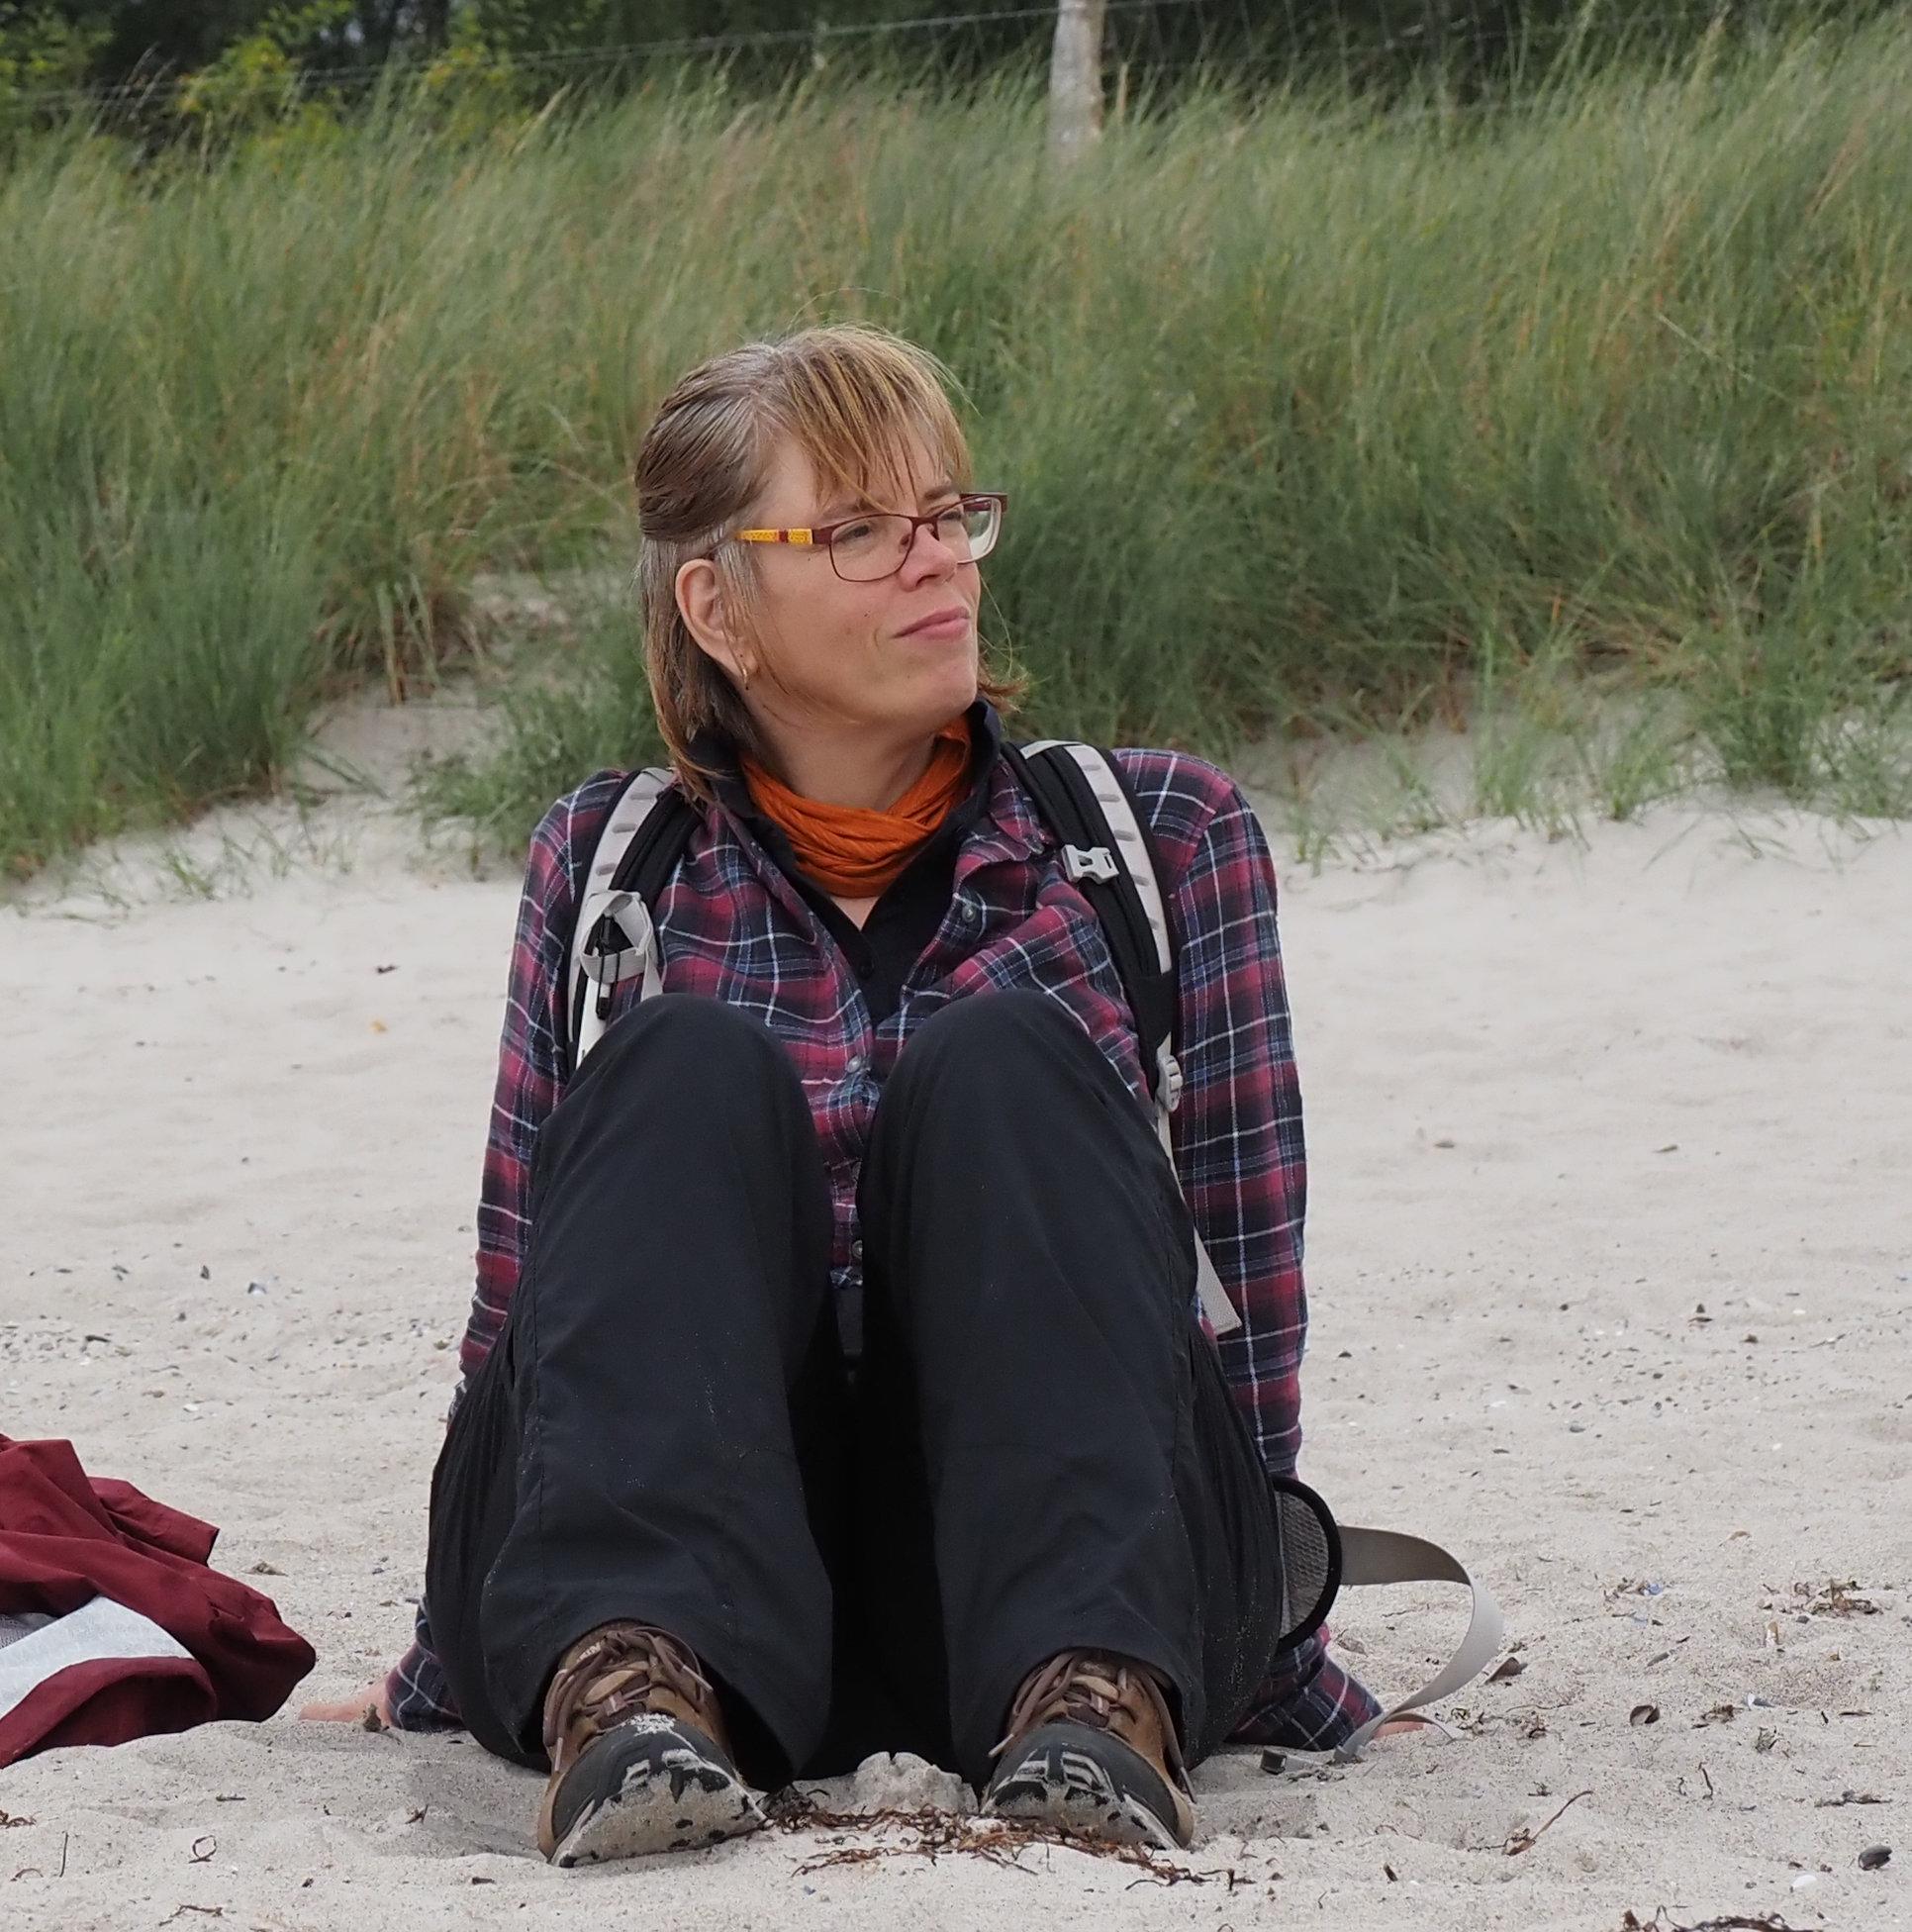 Kerstin Erfahrungsbericht Tai Chi und Meer auf Norderney